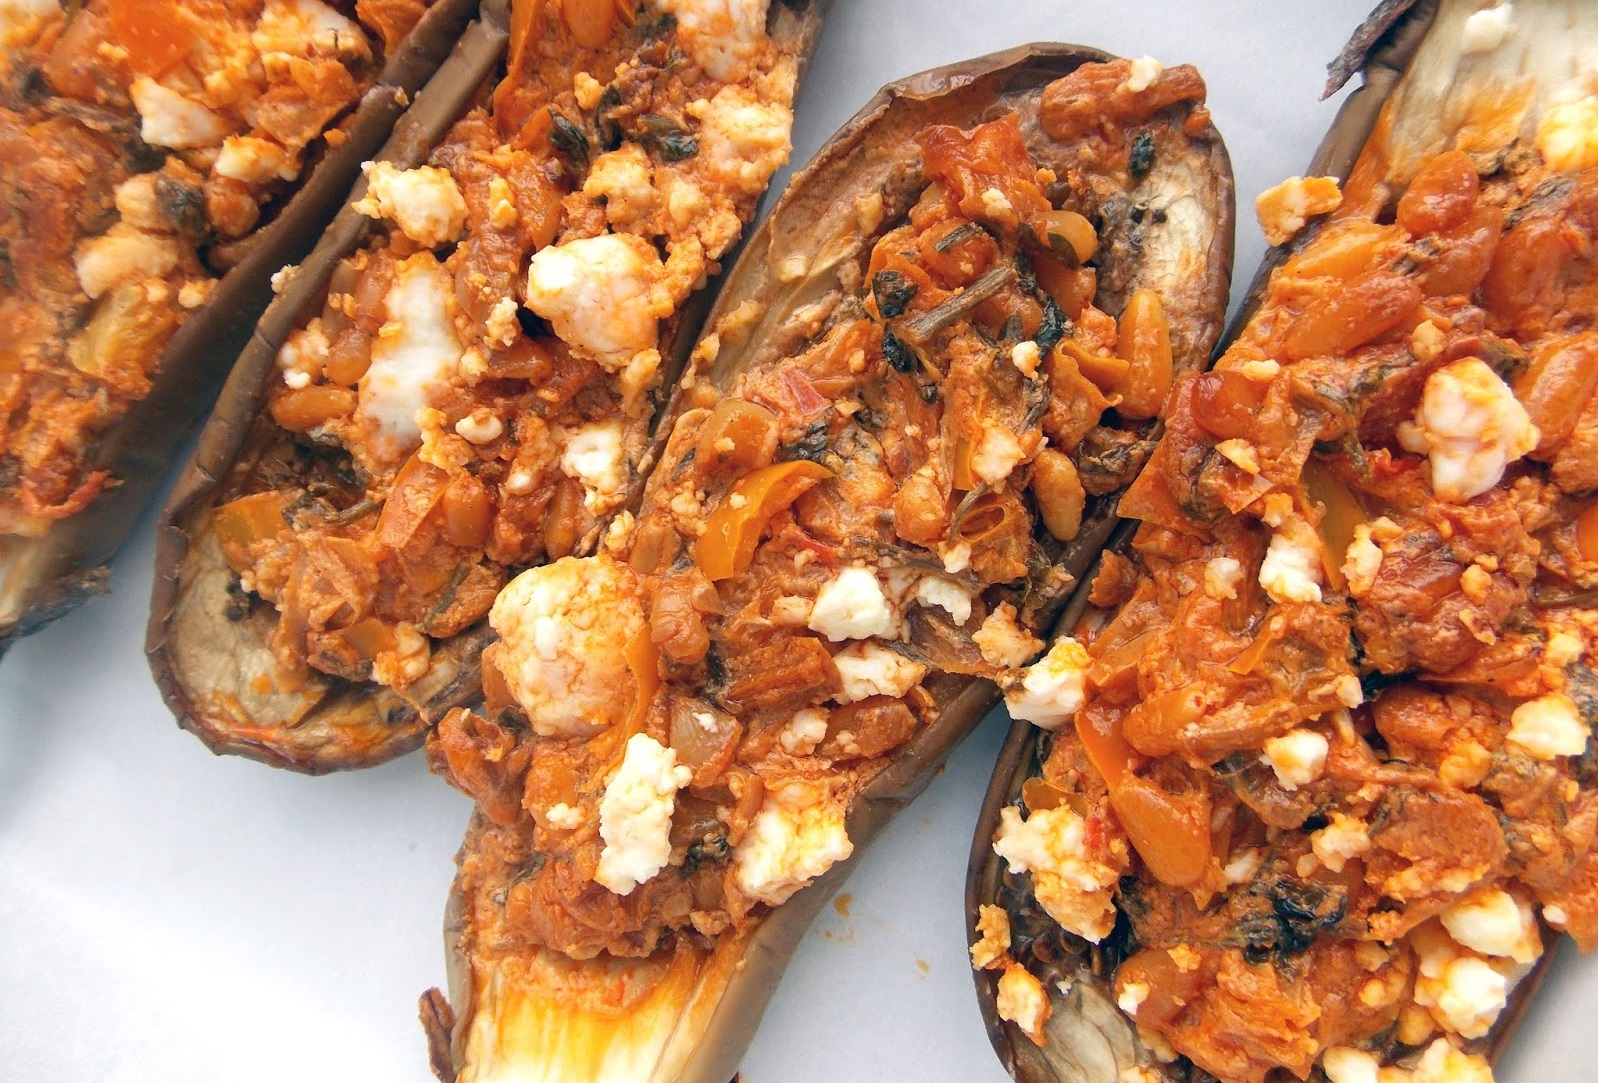 баклажаны в духовке с сыром рецепт с фото пошагово